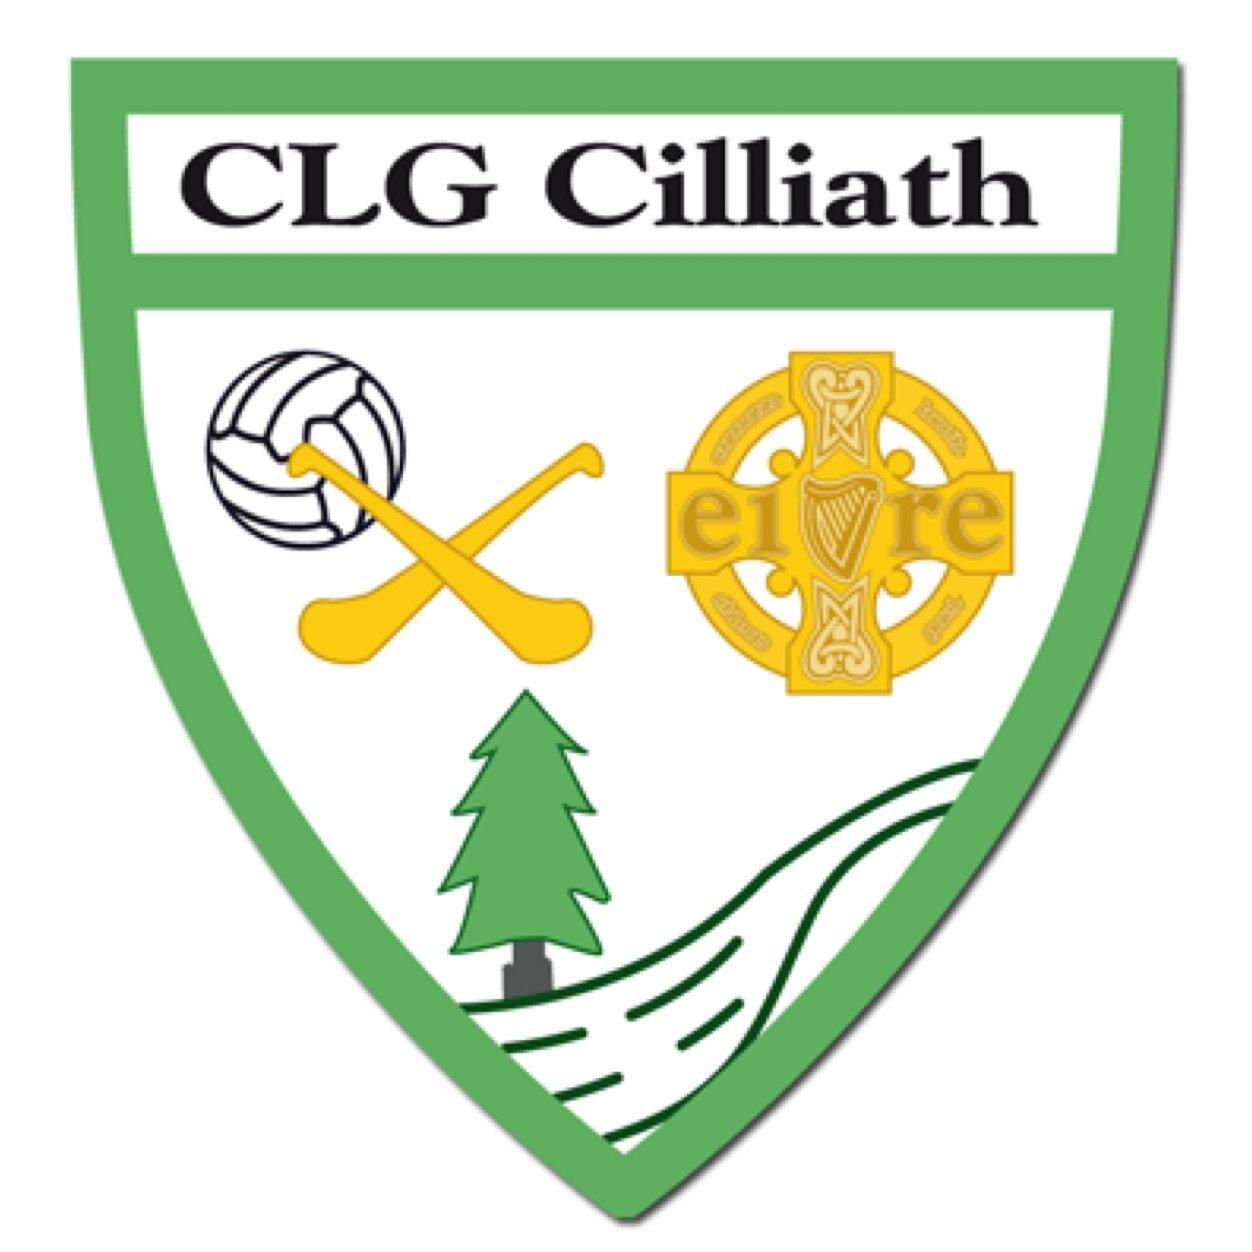 Killeagh GAA